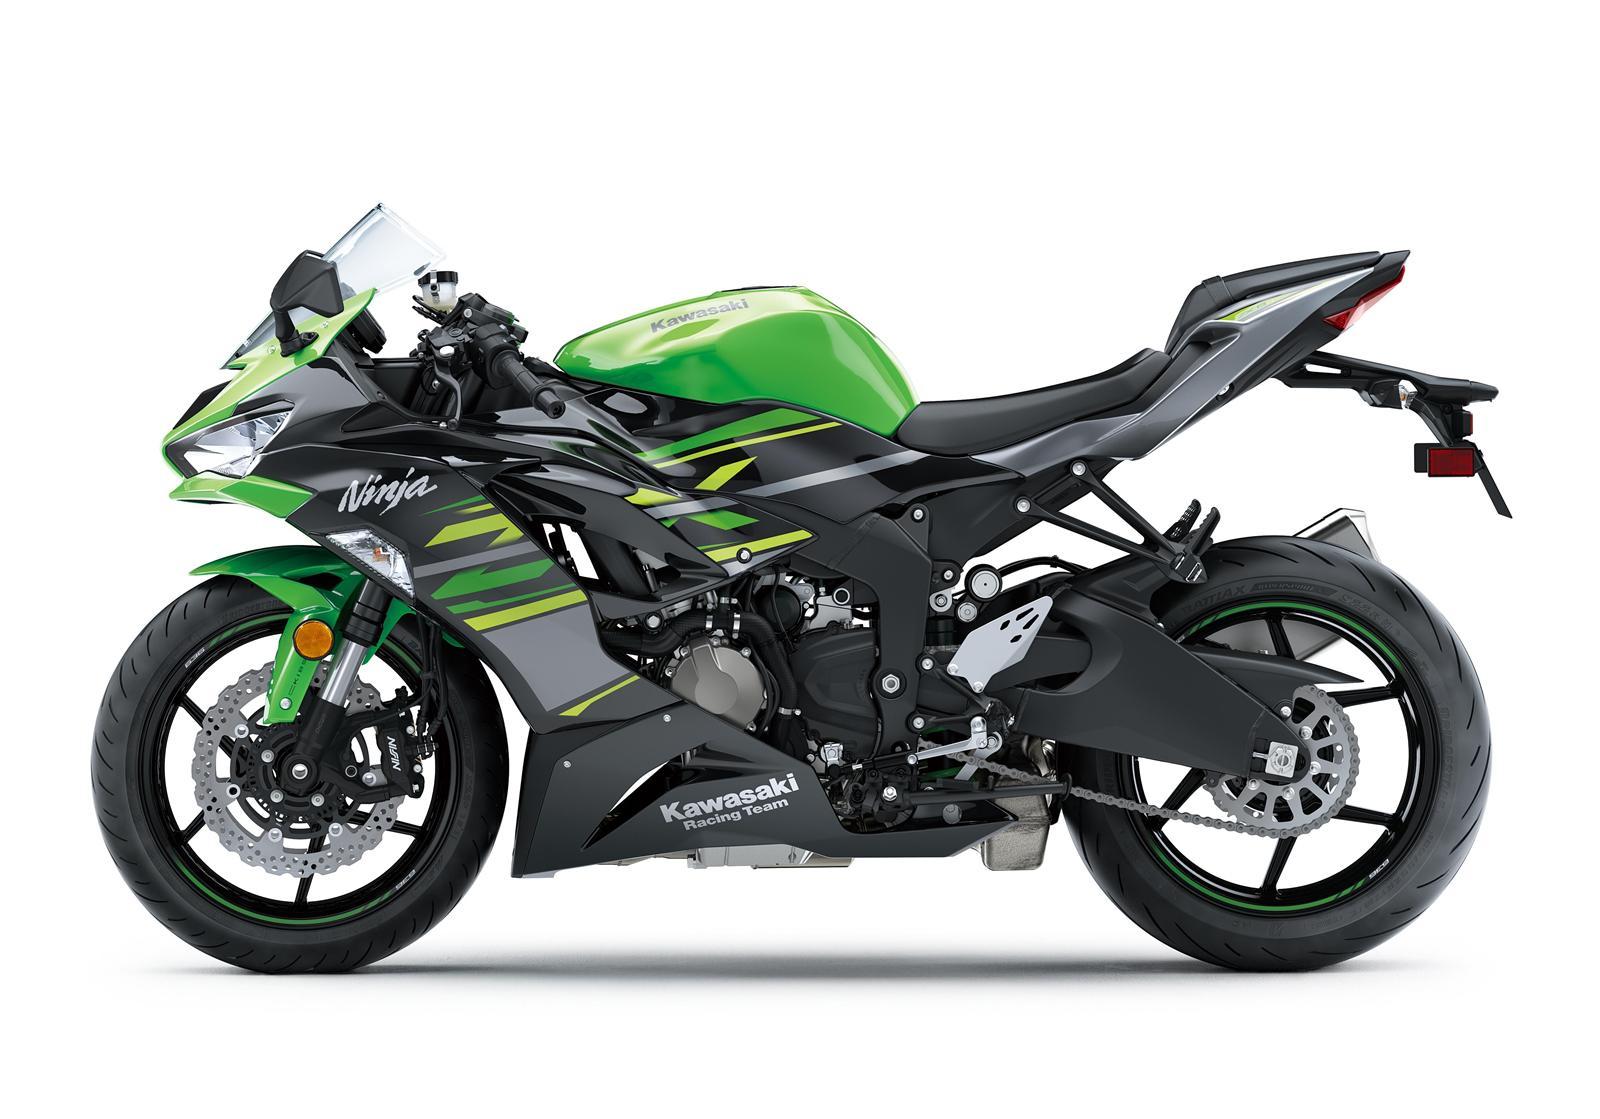 2022 Kawasaki Ninja 700,2022 Kawasaki 700,2022 Ninja 700,2022 Kawasaki Ninja 700 rumor,2022 Kawasaki Ninja 700 top speed, 2022 Kawasaki Ninja 700 milege,2022 Kawasaki Ninja 700 first look